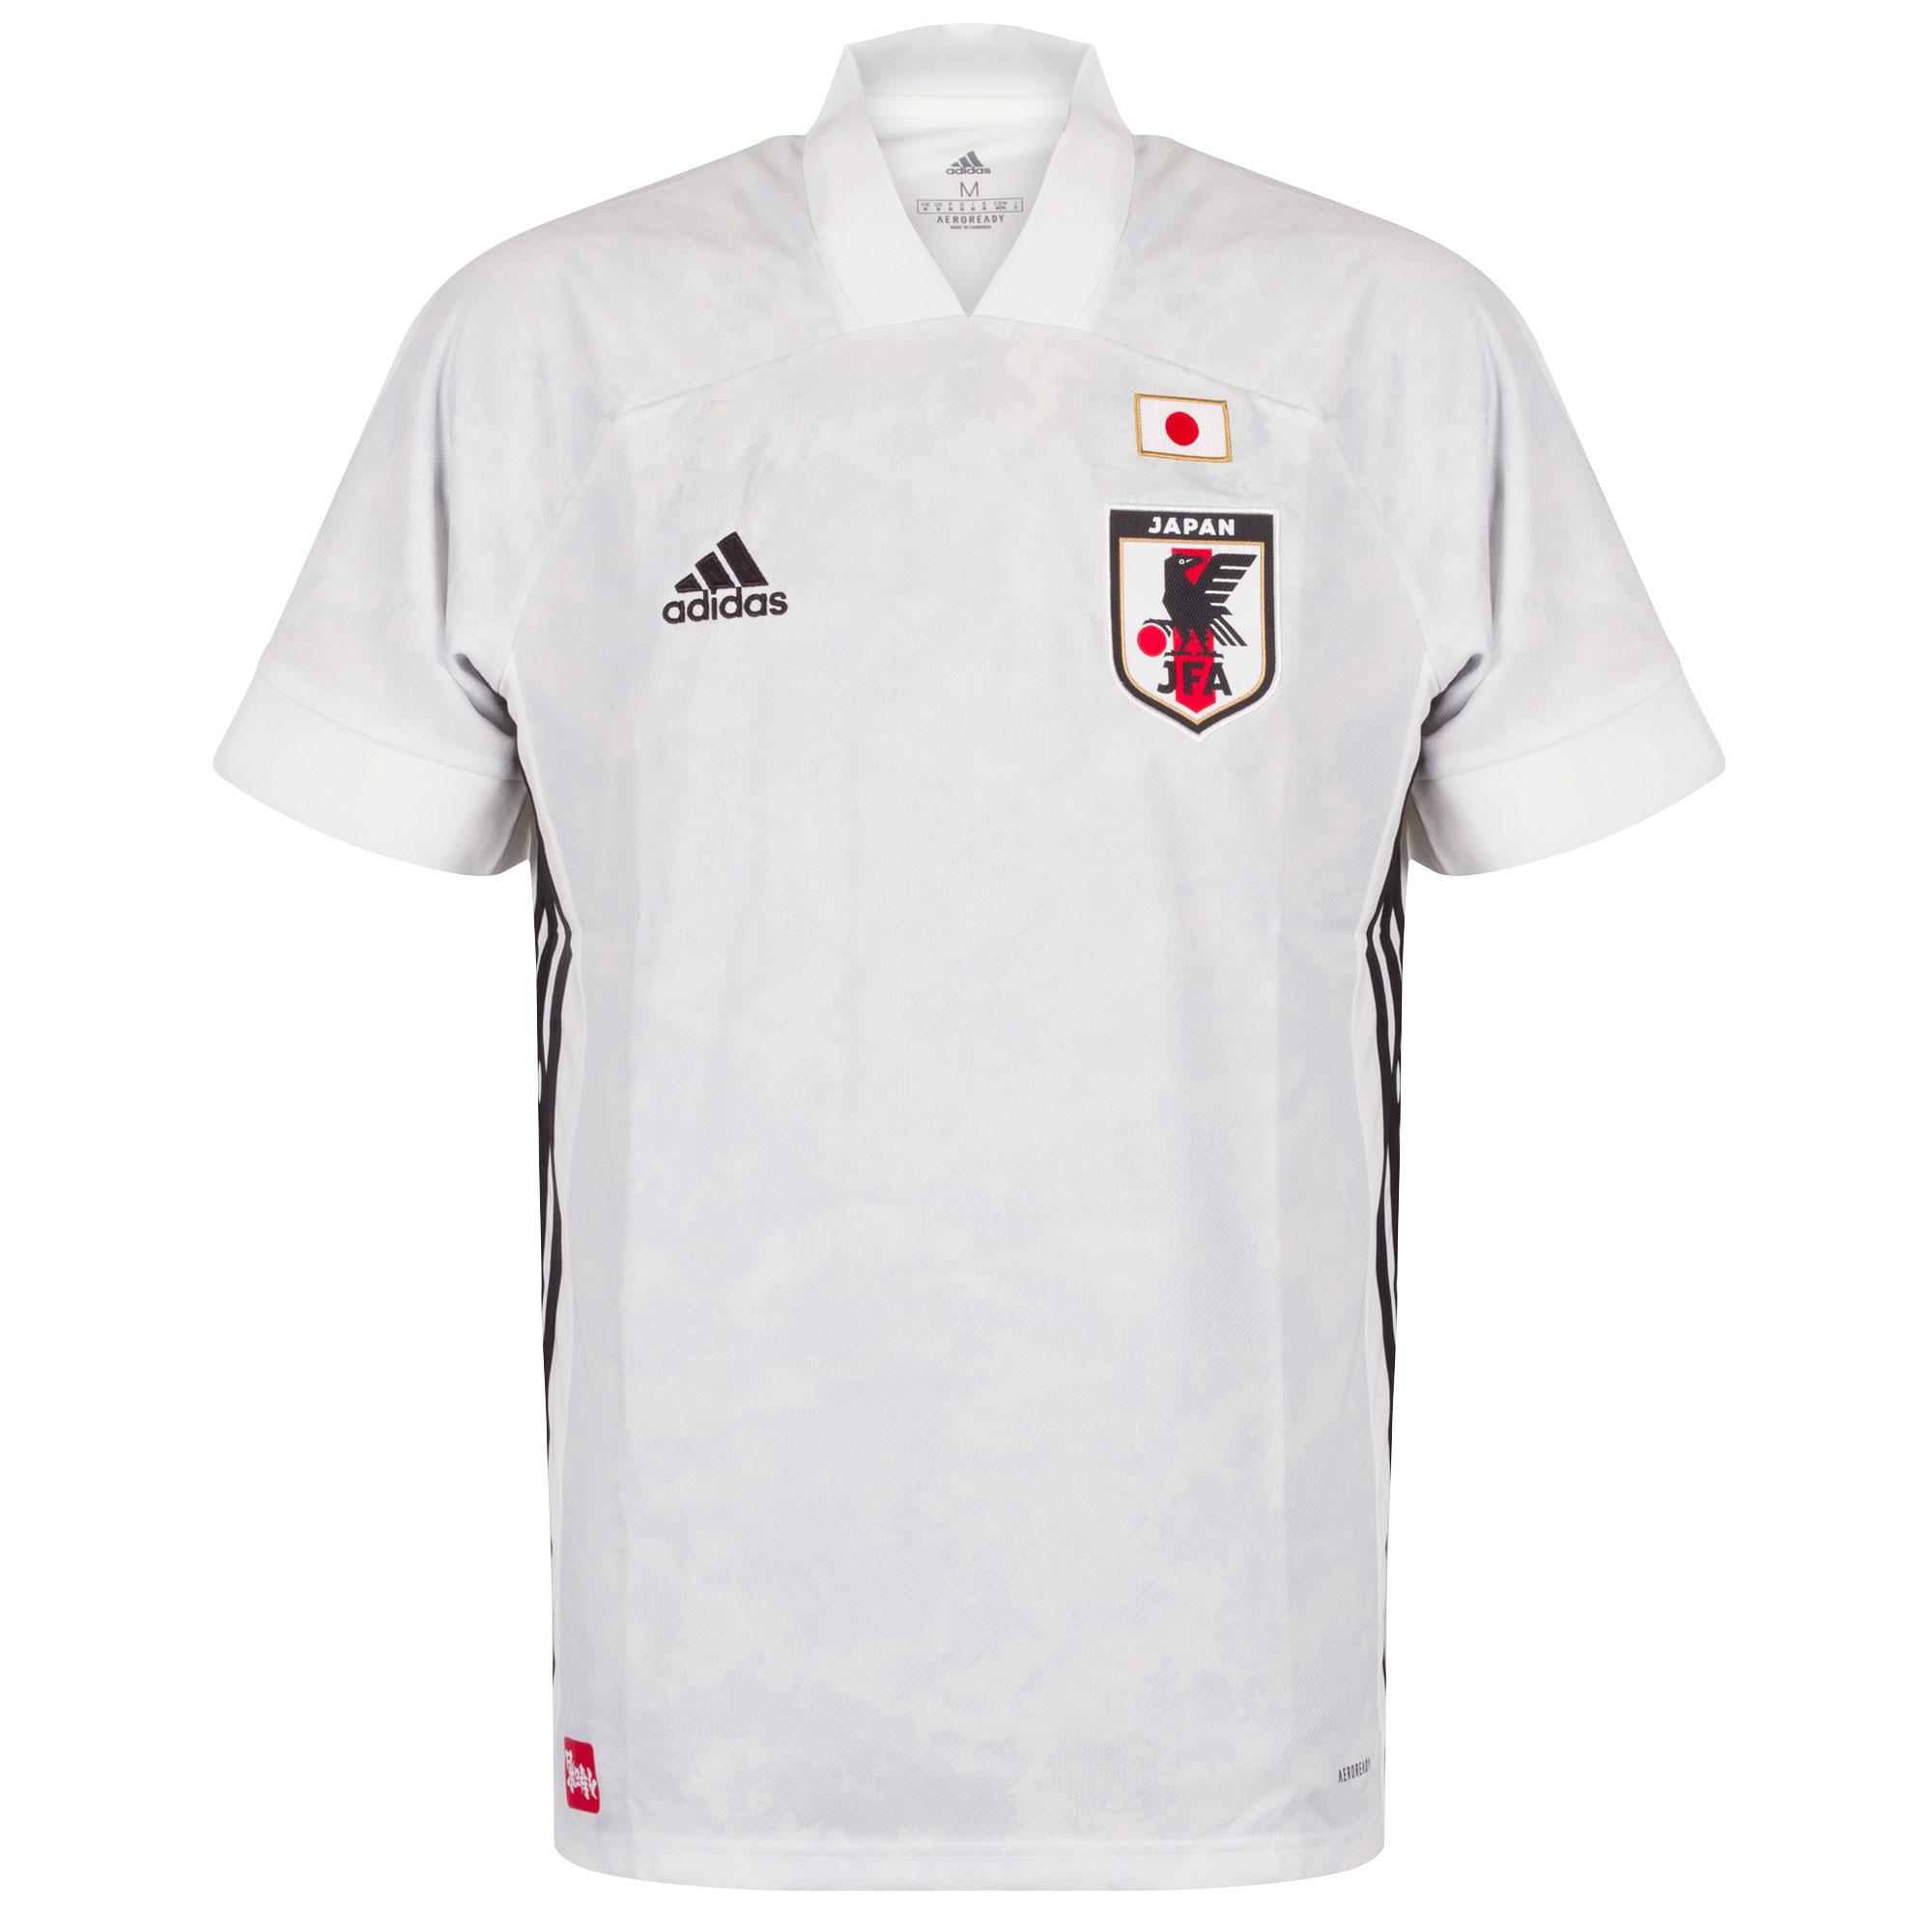 adidas Japan Away Shirt 2020-2021